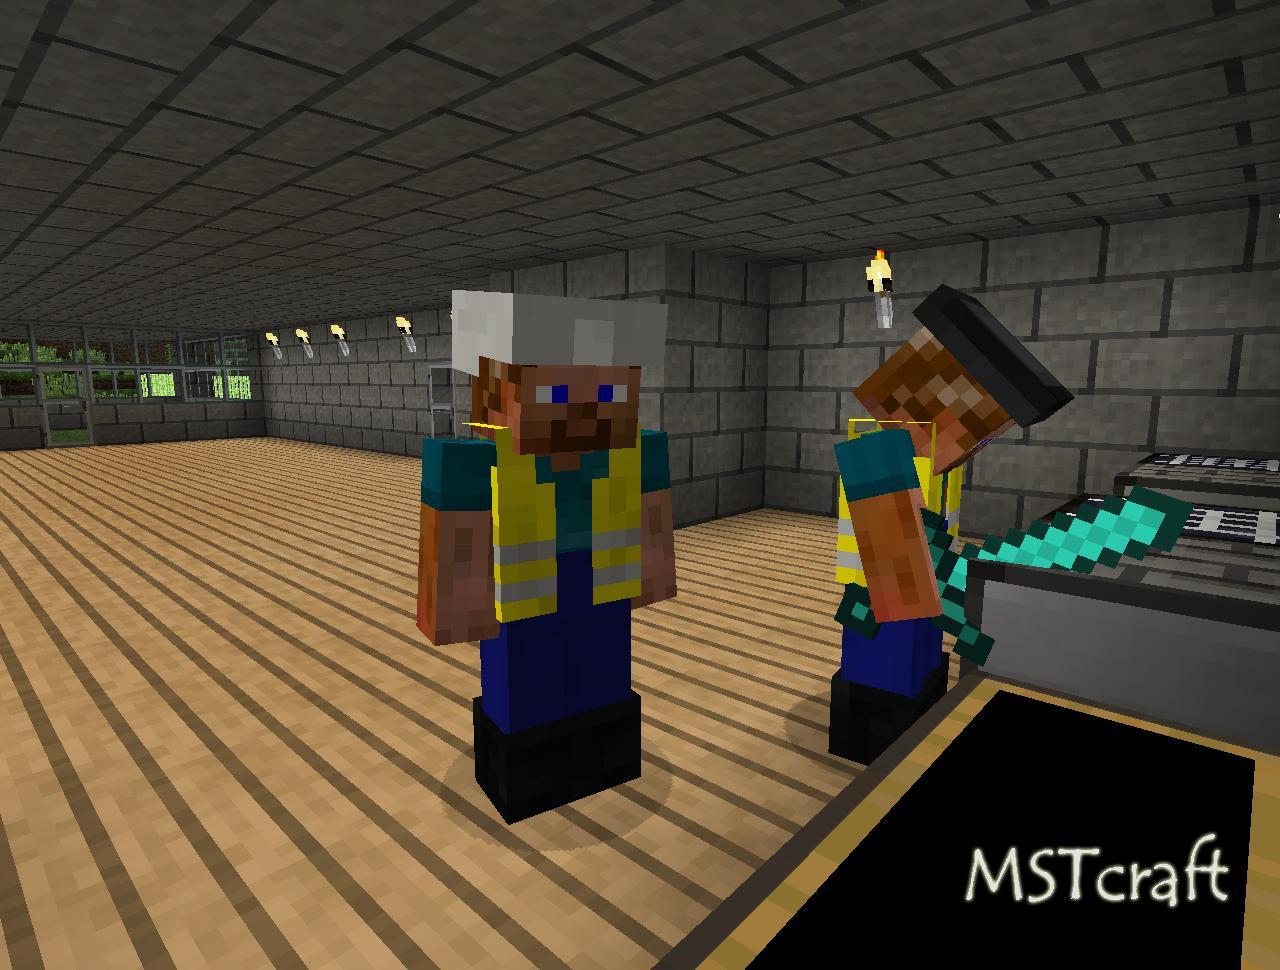 http://minecraft-forum.net/wp-content/uploads/2013/06/34180__MSTCraft-texture-pack.jpg